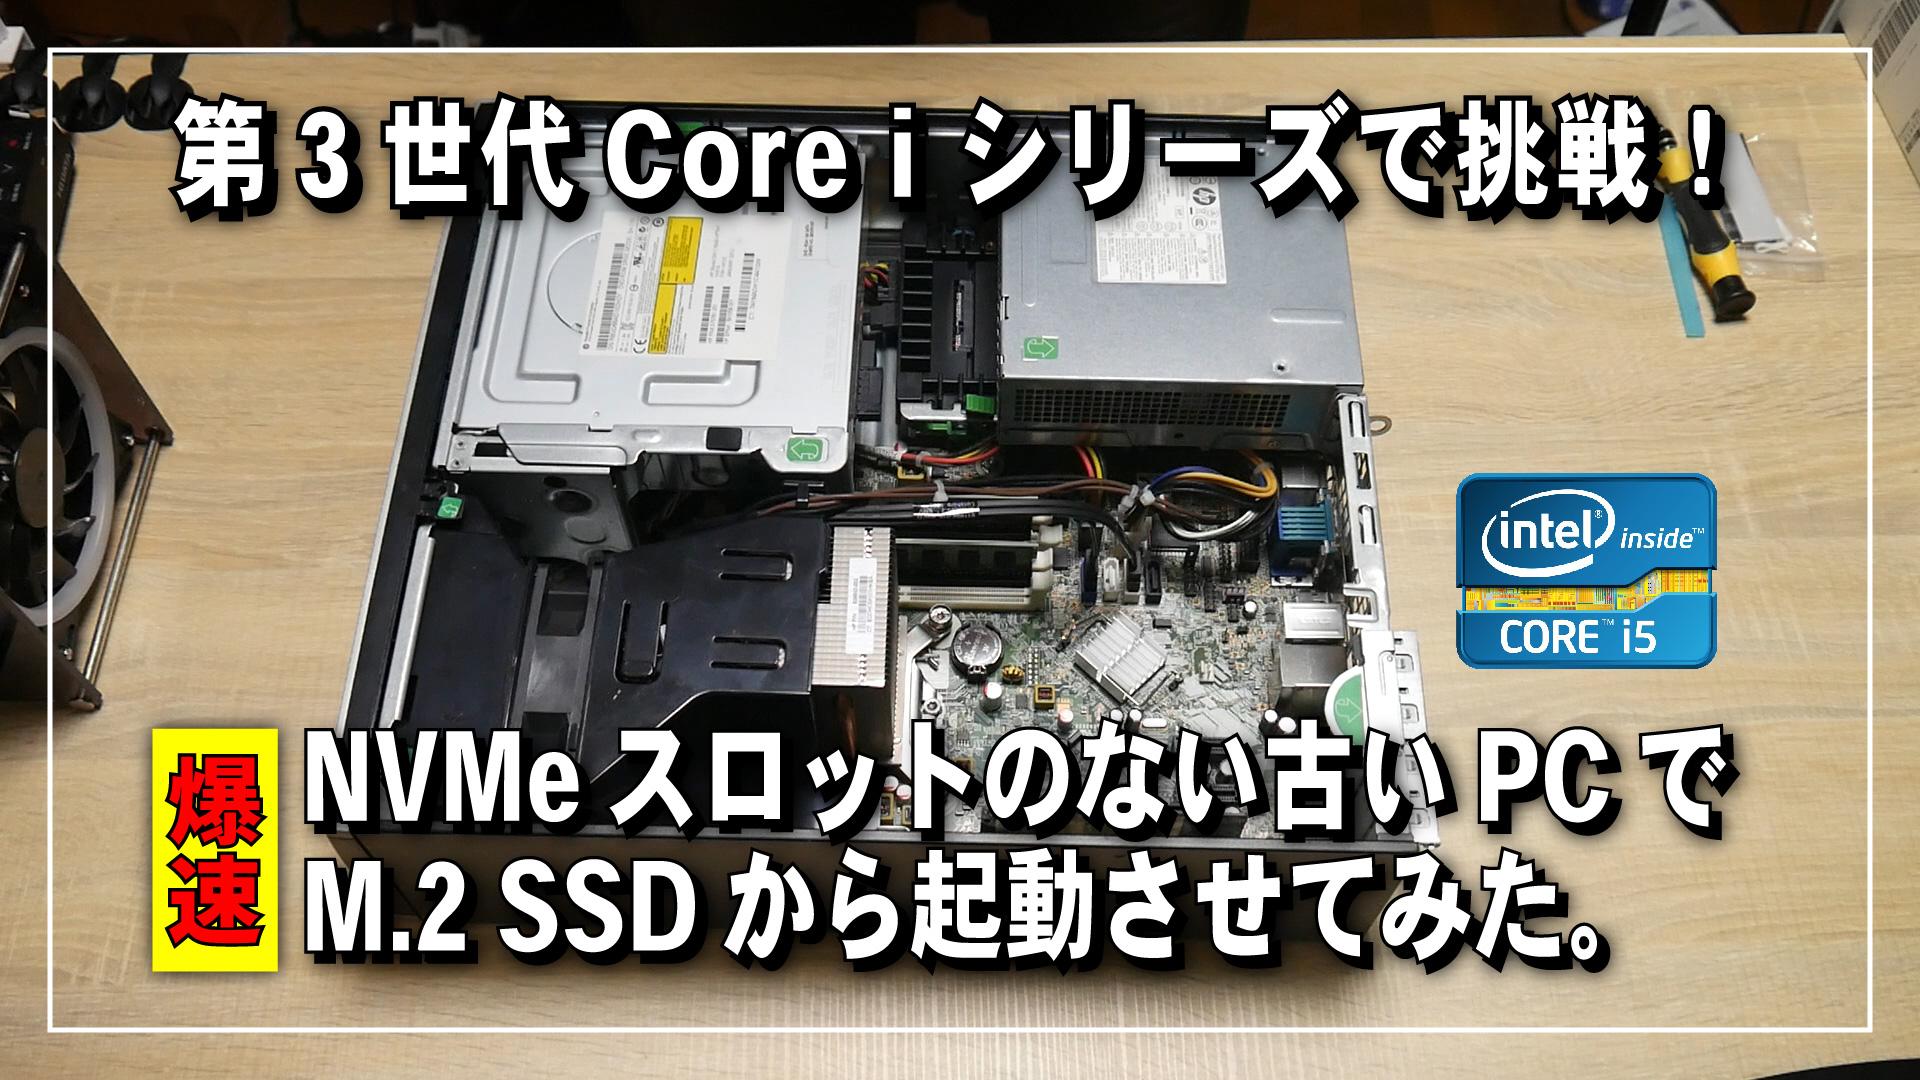 【爆速!】古い PC で NVMe 接続の M.2 SSD をブートドライブにしてみた。《第3世代 Core i5》